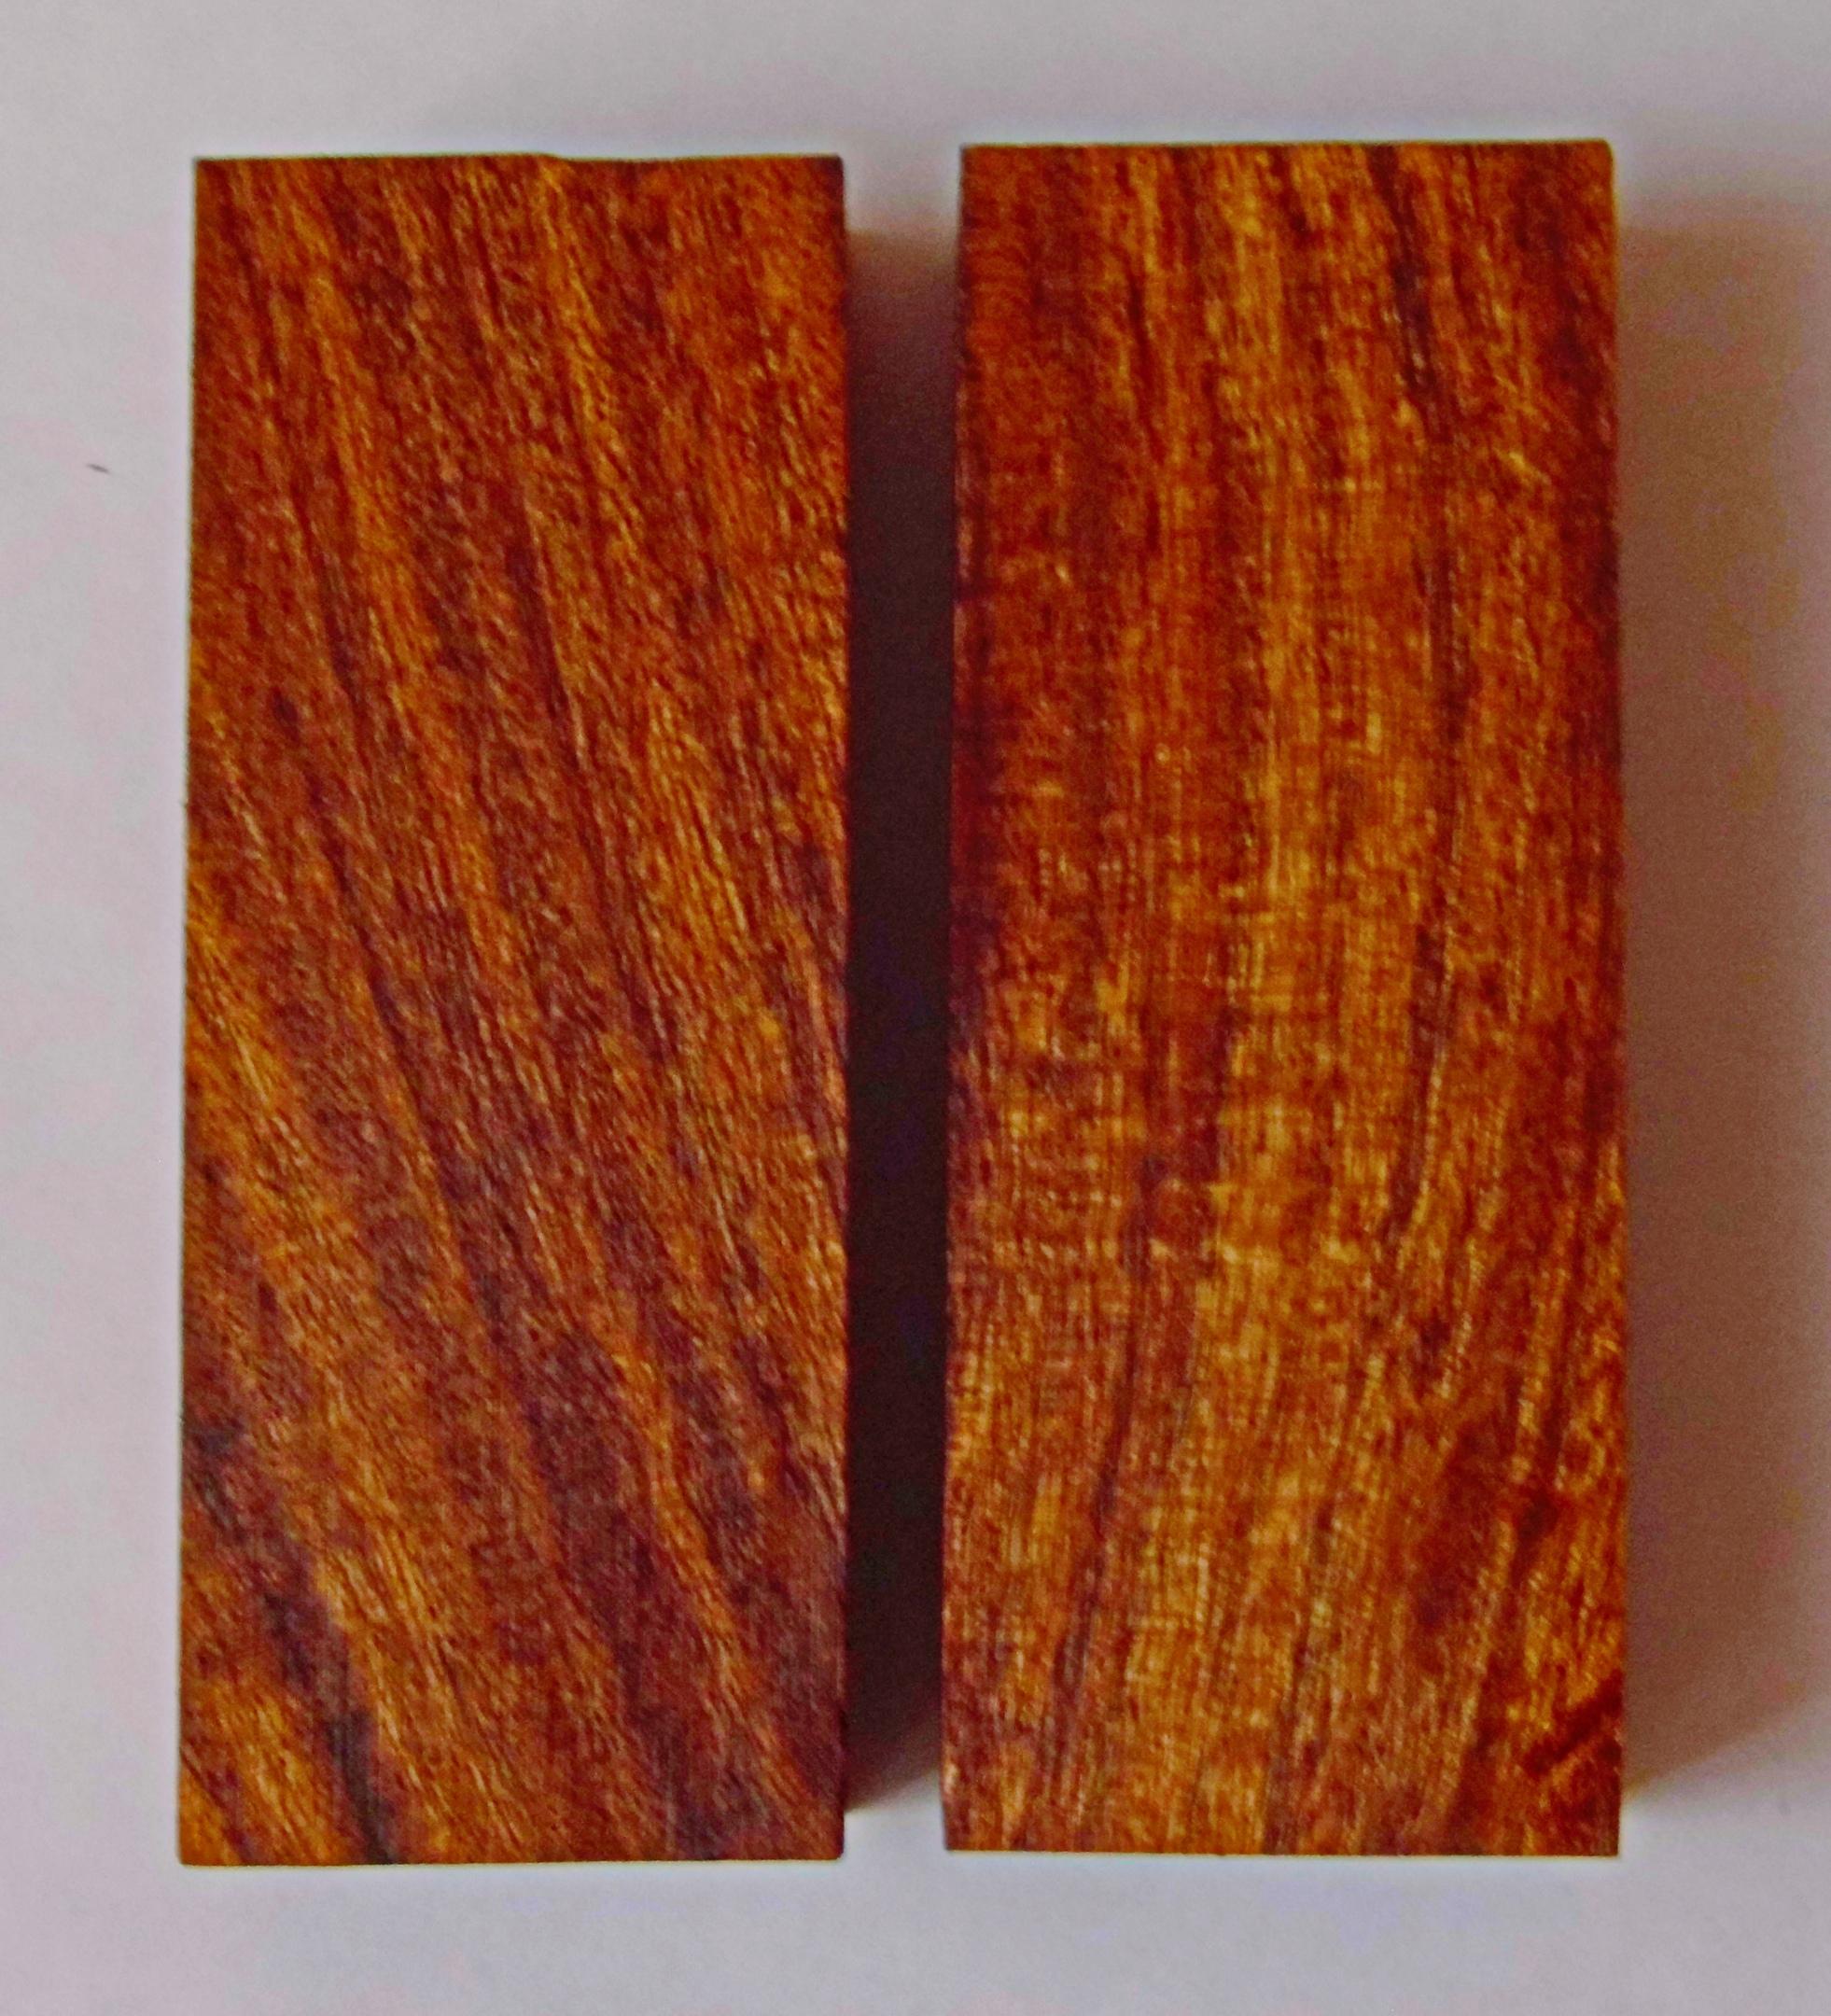 В наличии есть Бруски для рукояти ножей Размеры 120 х 48 х 28 дерево Палисандр